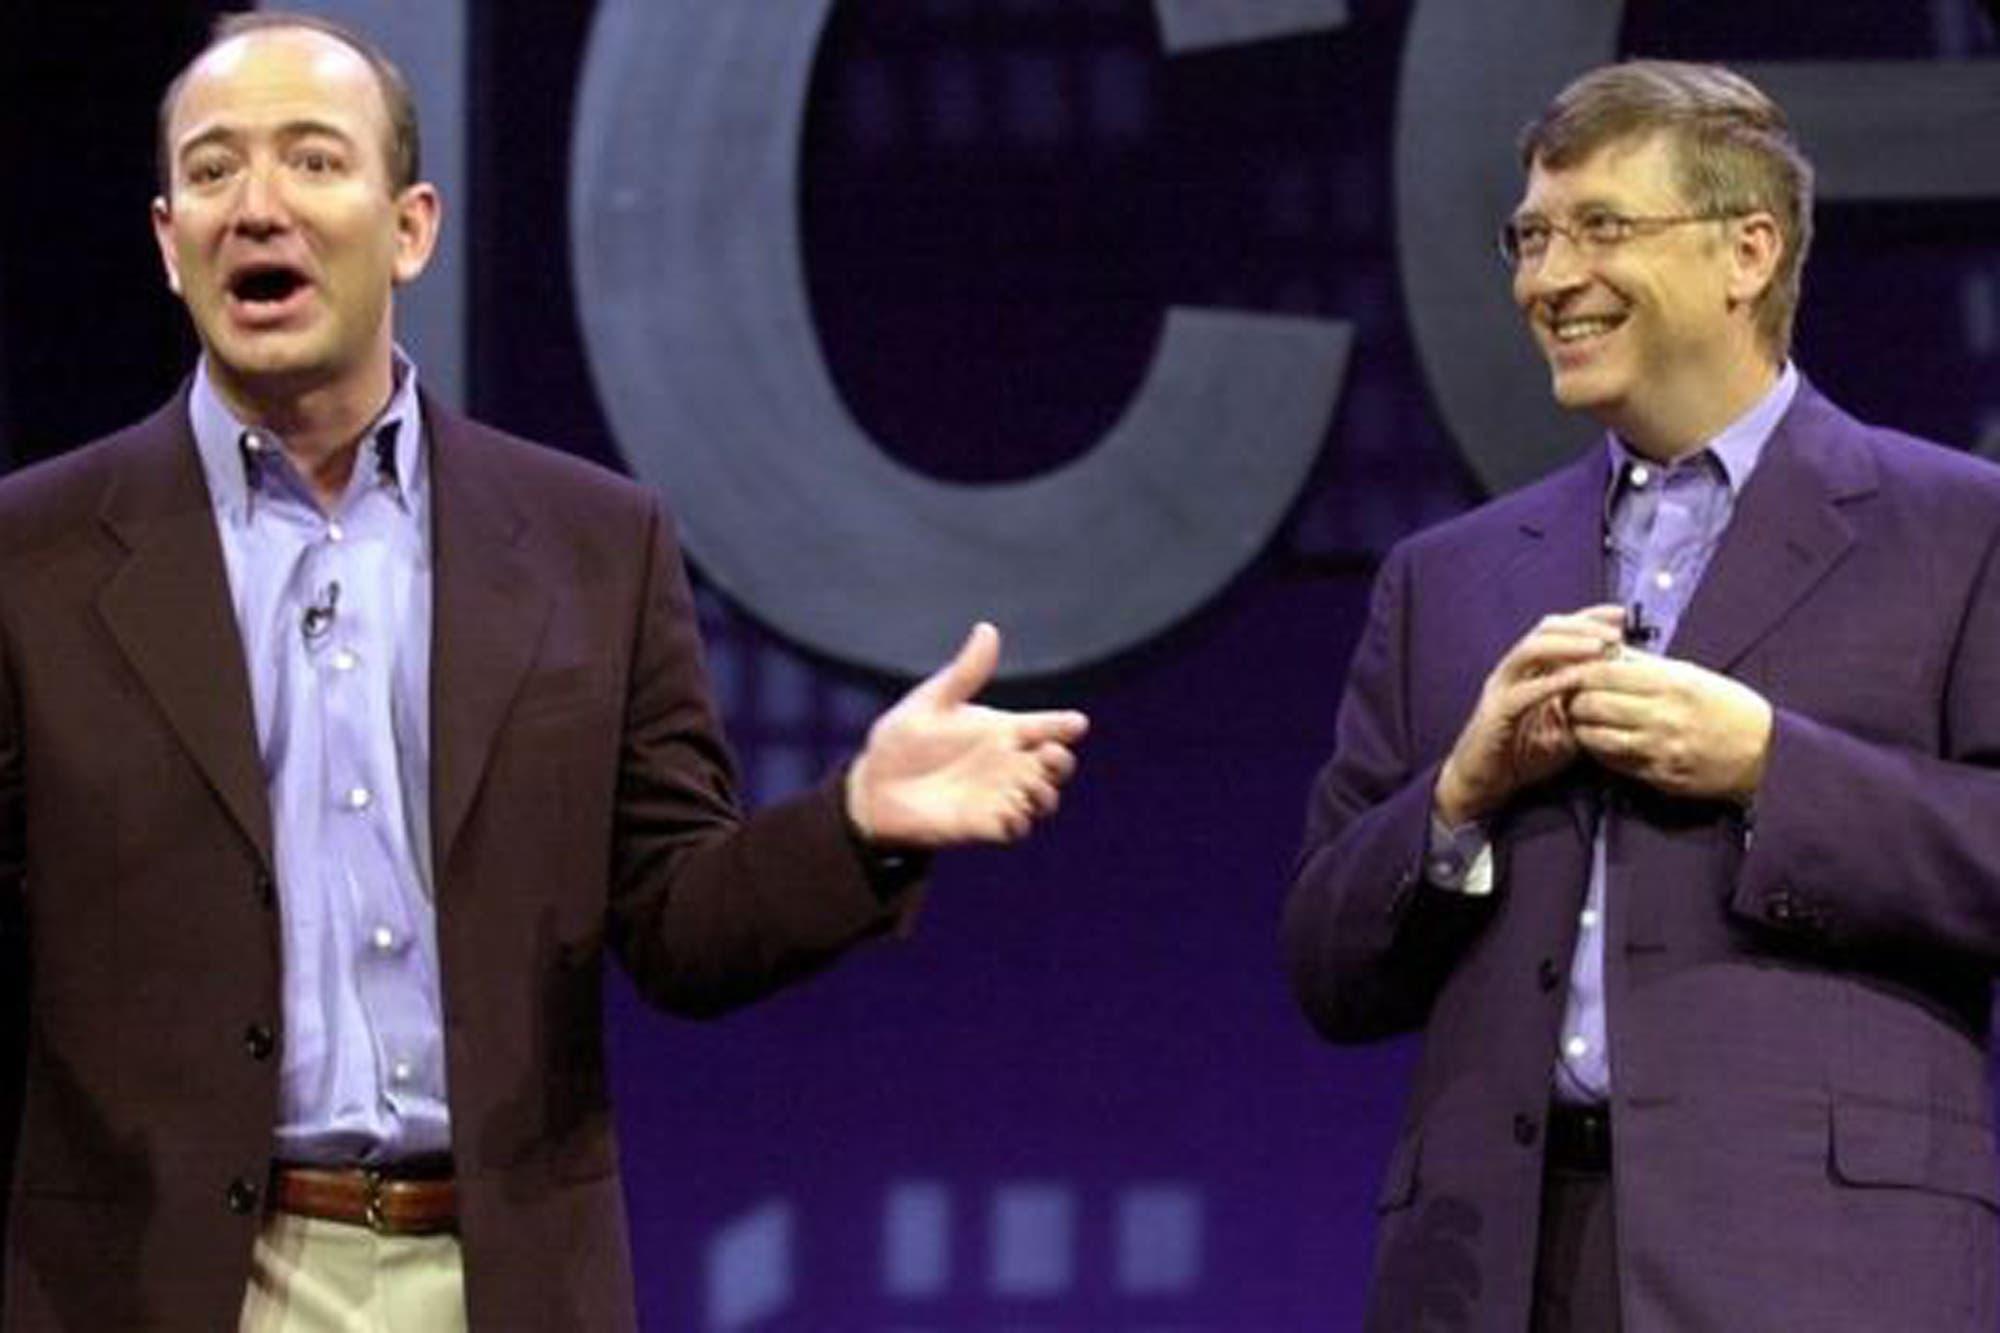 No solo Bezos y Gates: con Arnault, el mundo tiene ahora 3 hombres con una fortuna de US$100.000 millones